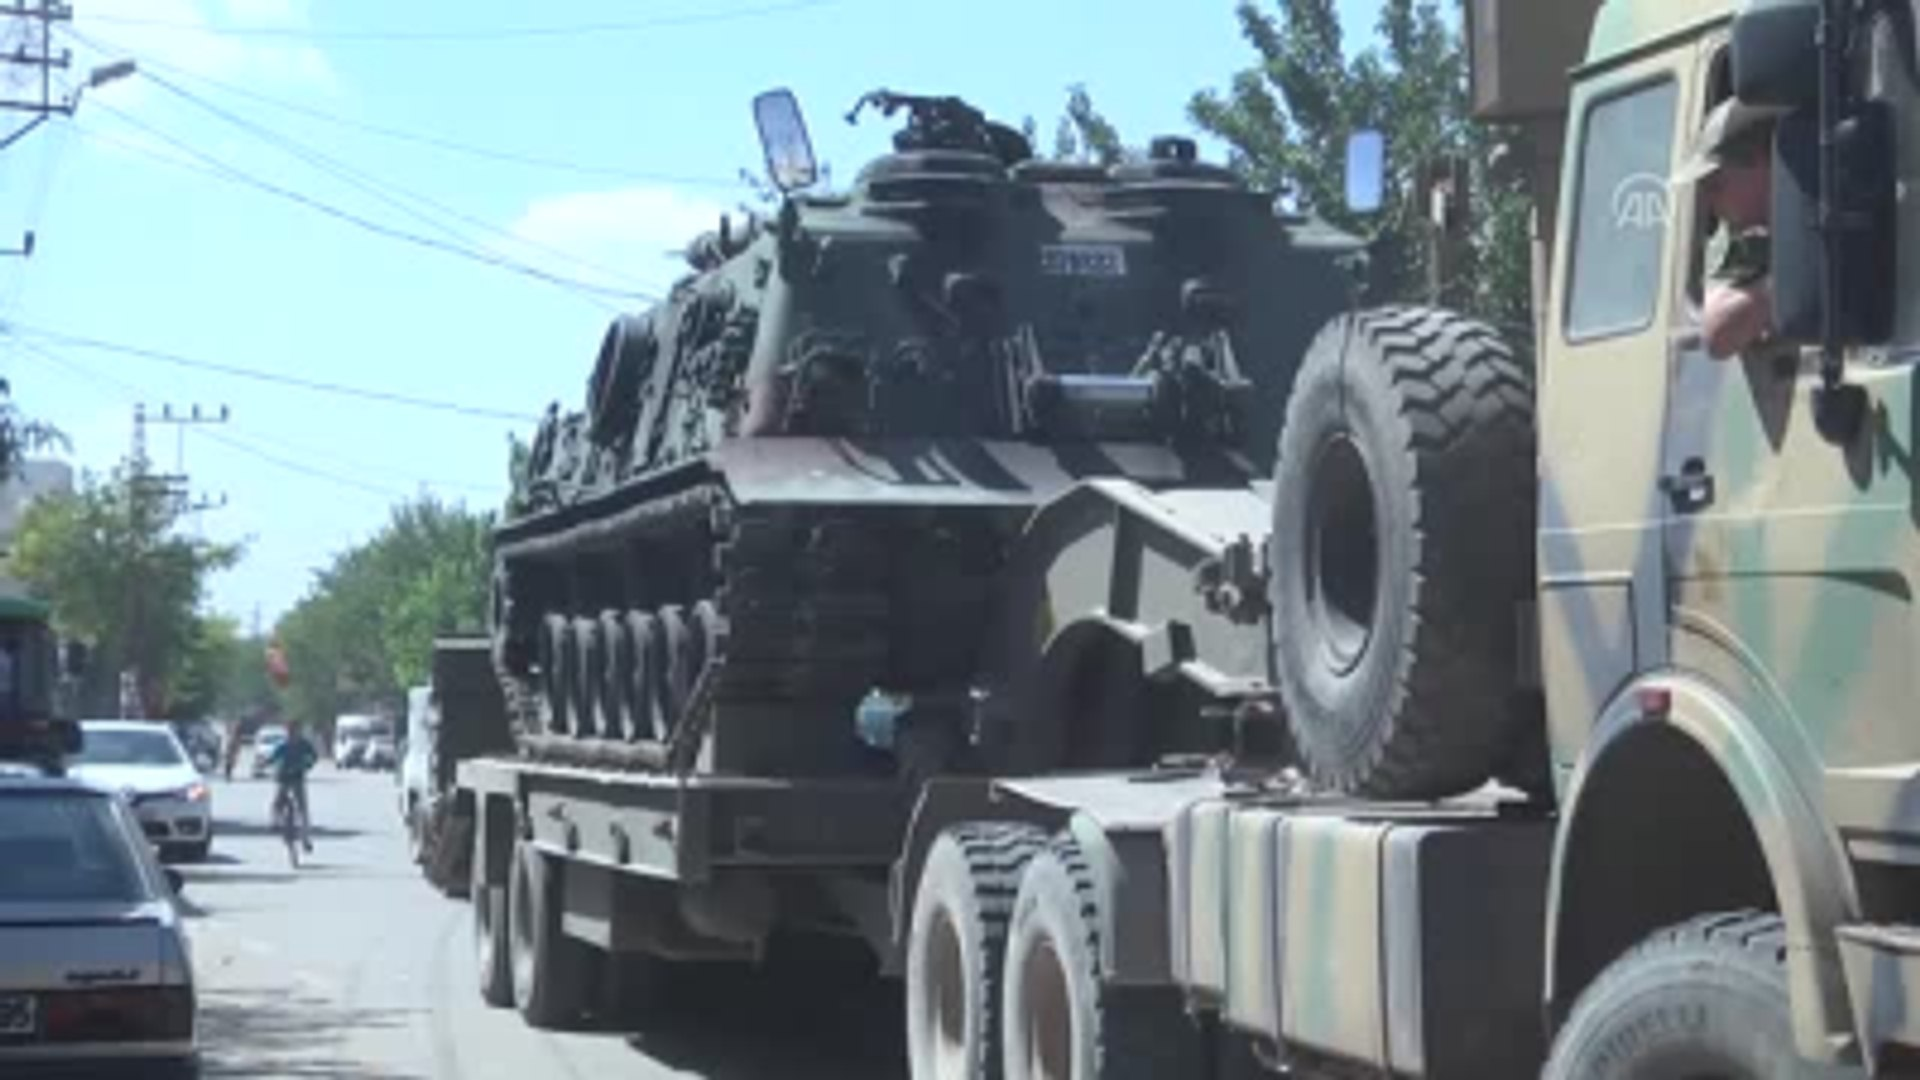 Suriye Sınırı, Zırhlı Araçlar ve Tanklarla Takviye Edildi